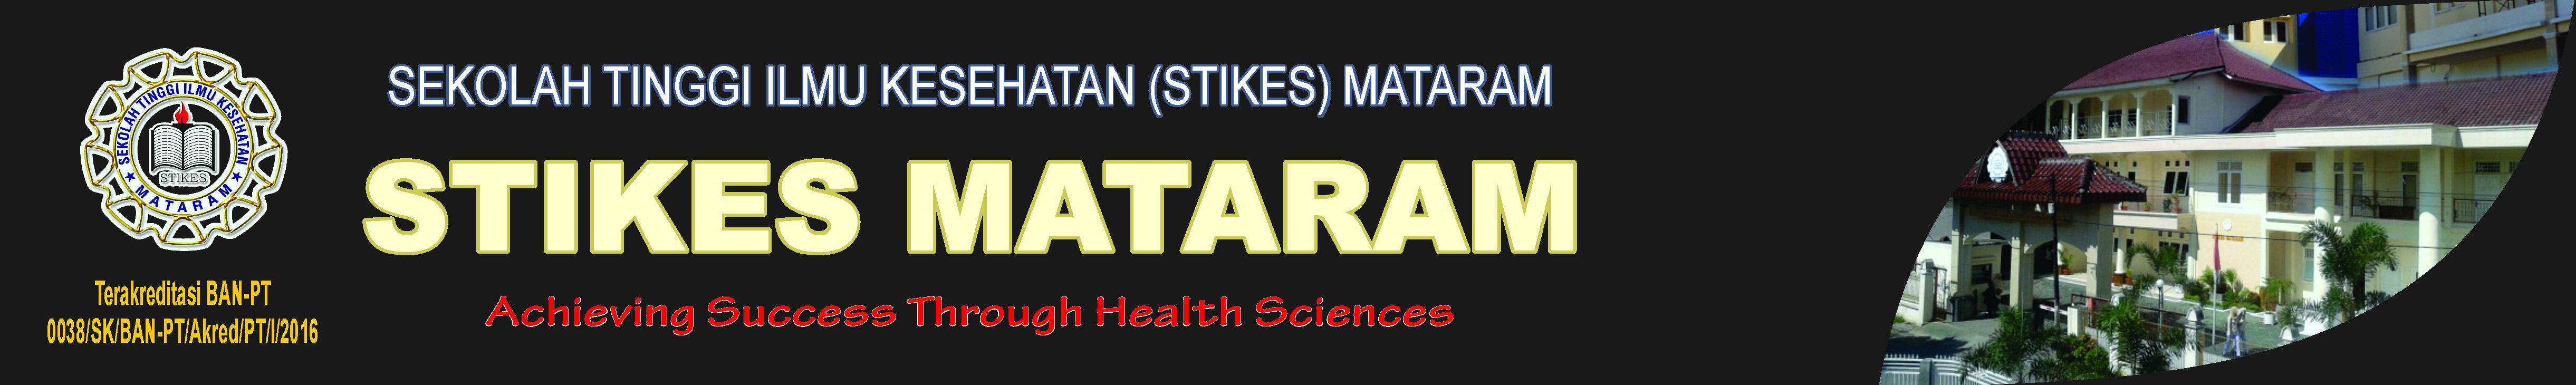 Sekolah Tinggi Ilmu Kesehatan  Mataram